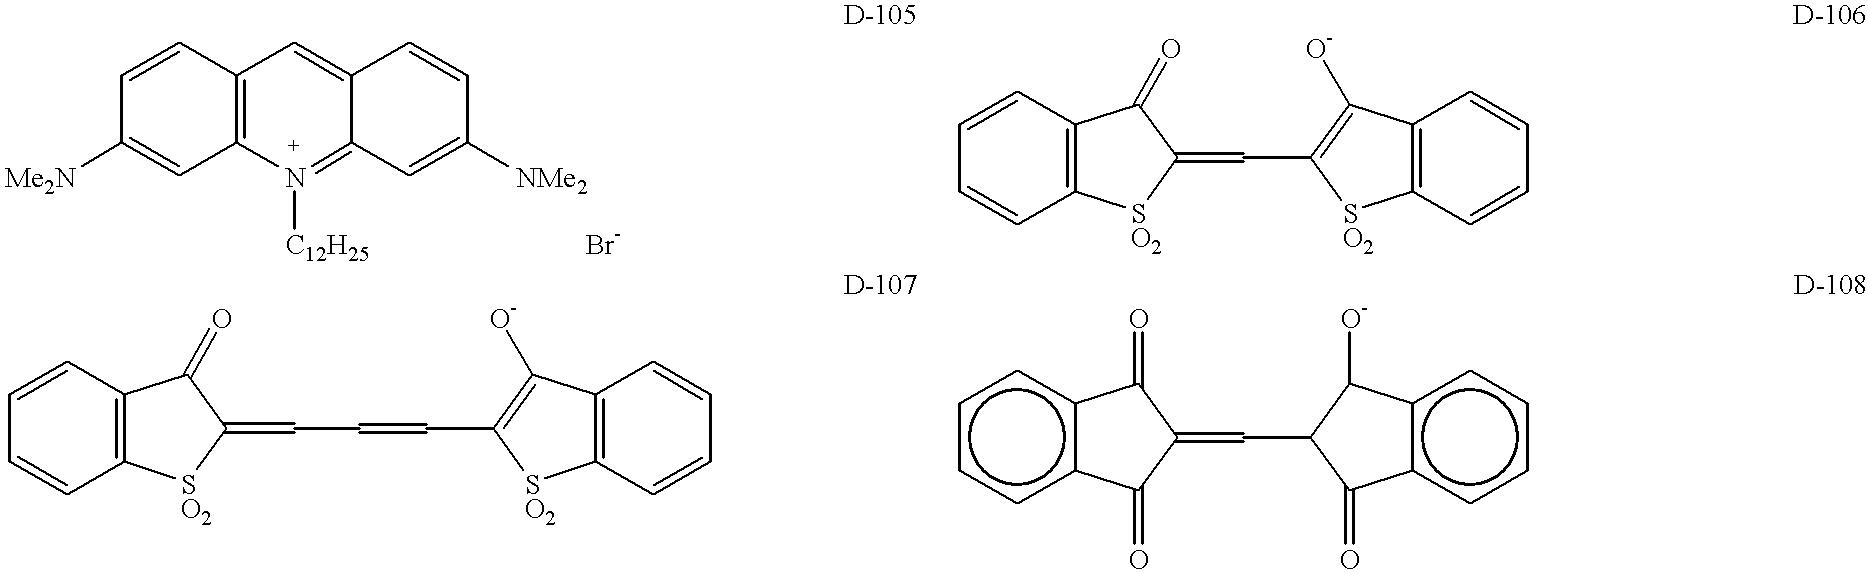 Figure US06376163-20020423-C00030